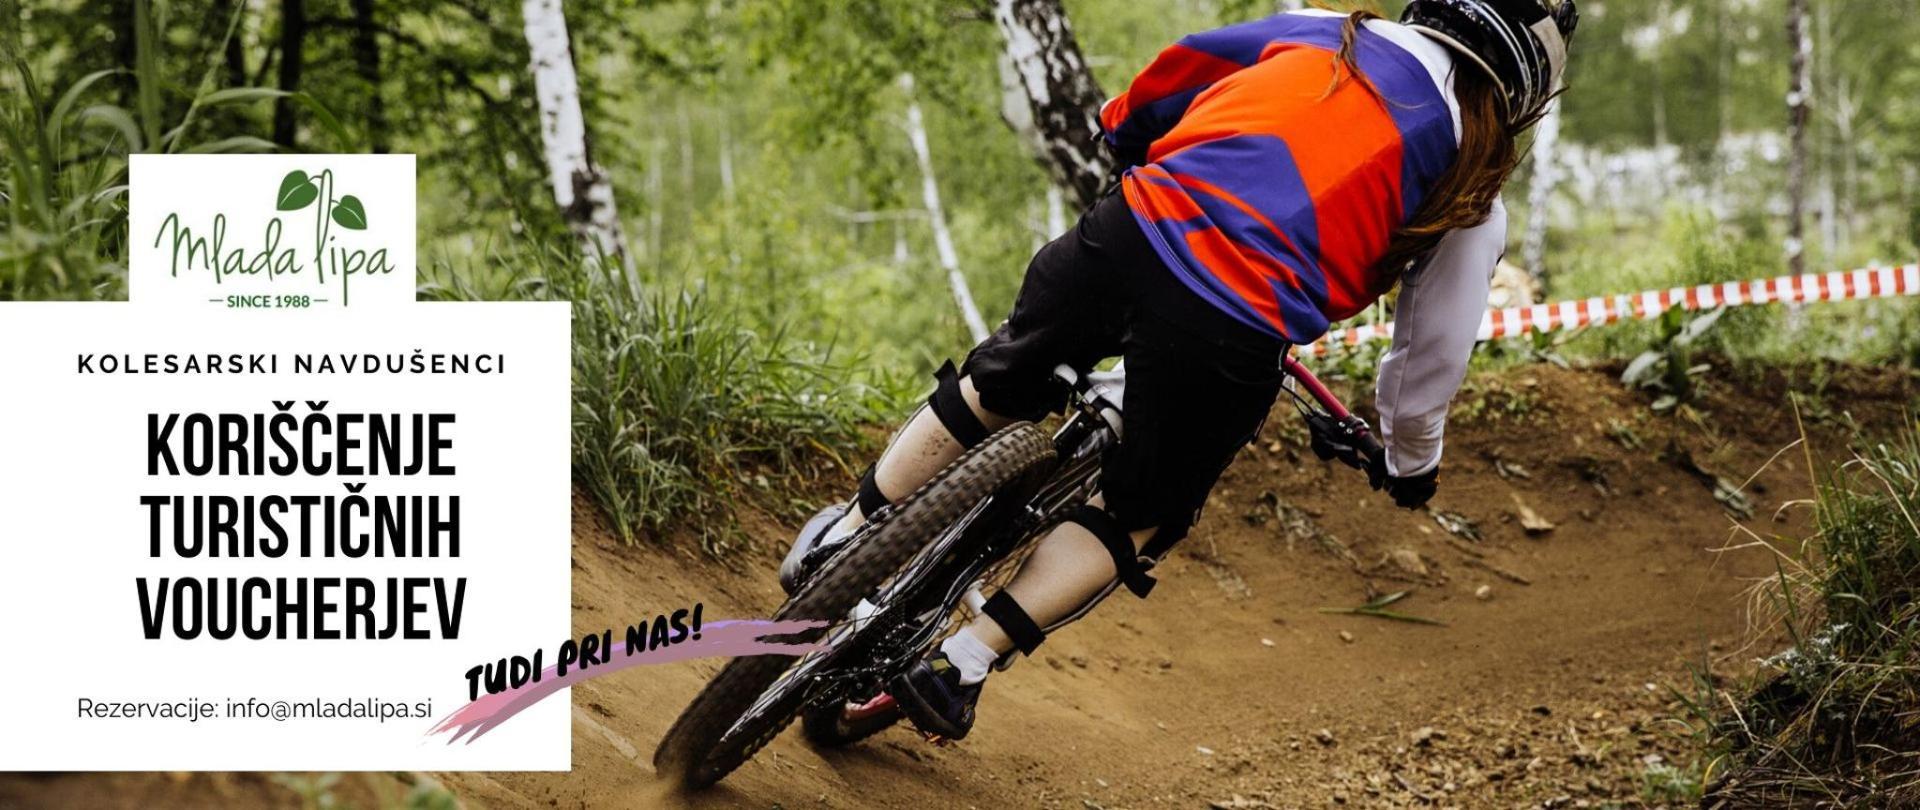 kolesarski_spletna_jpg.jpg